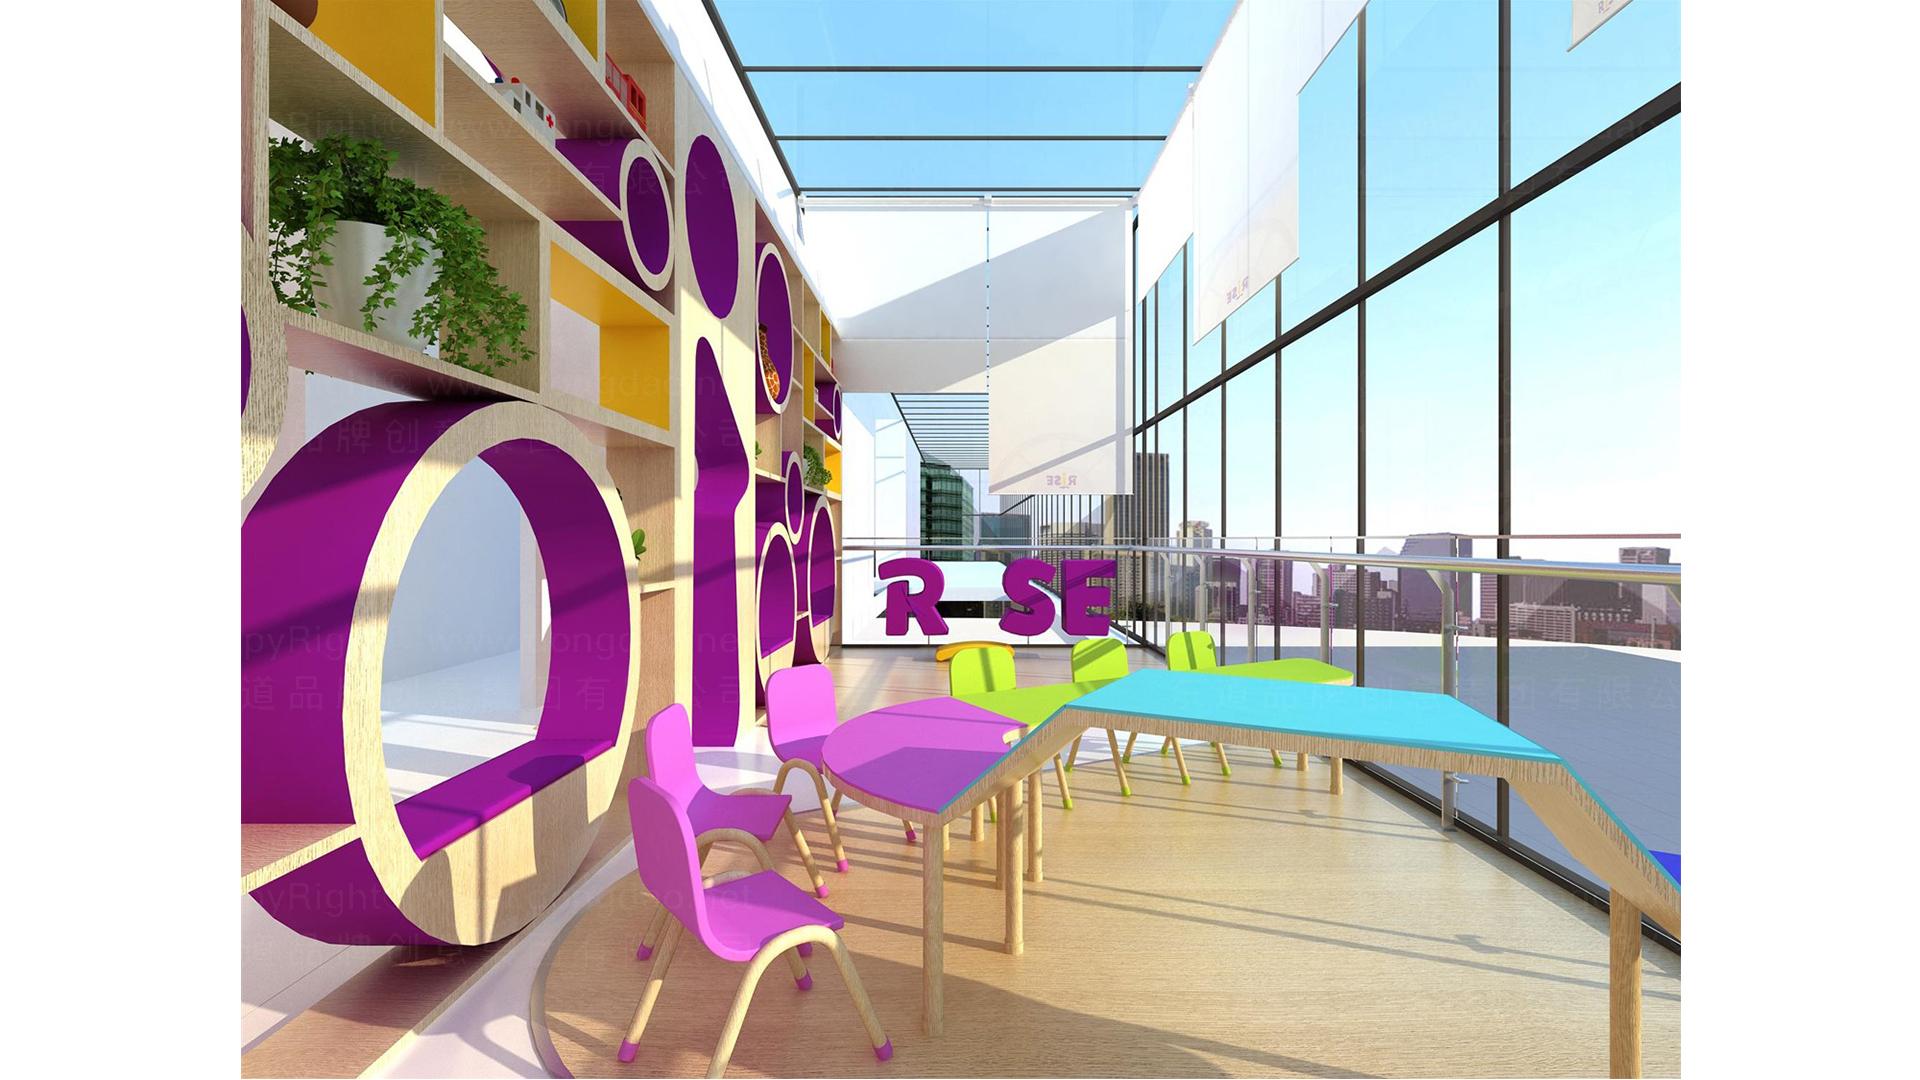 商业空间&导示瑞思SI门店概念设计应用场景